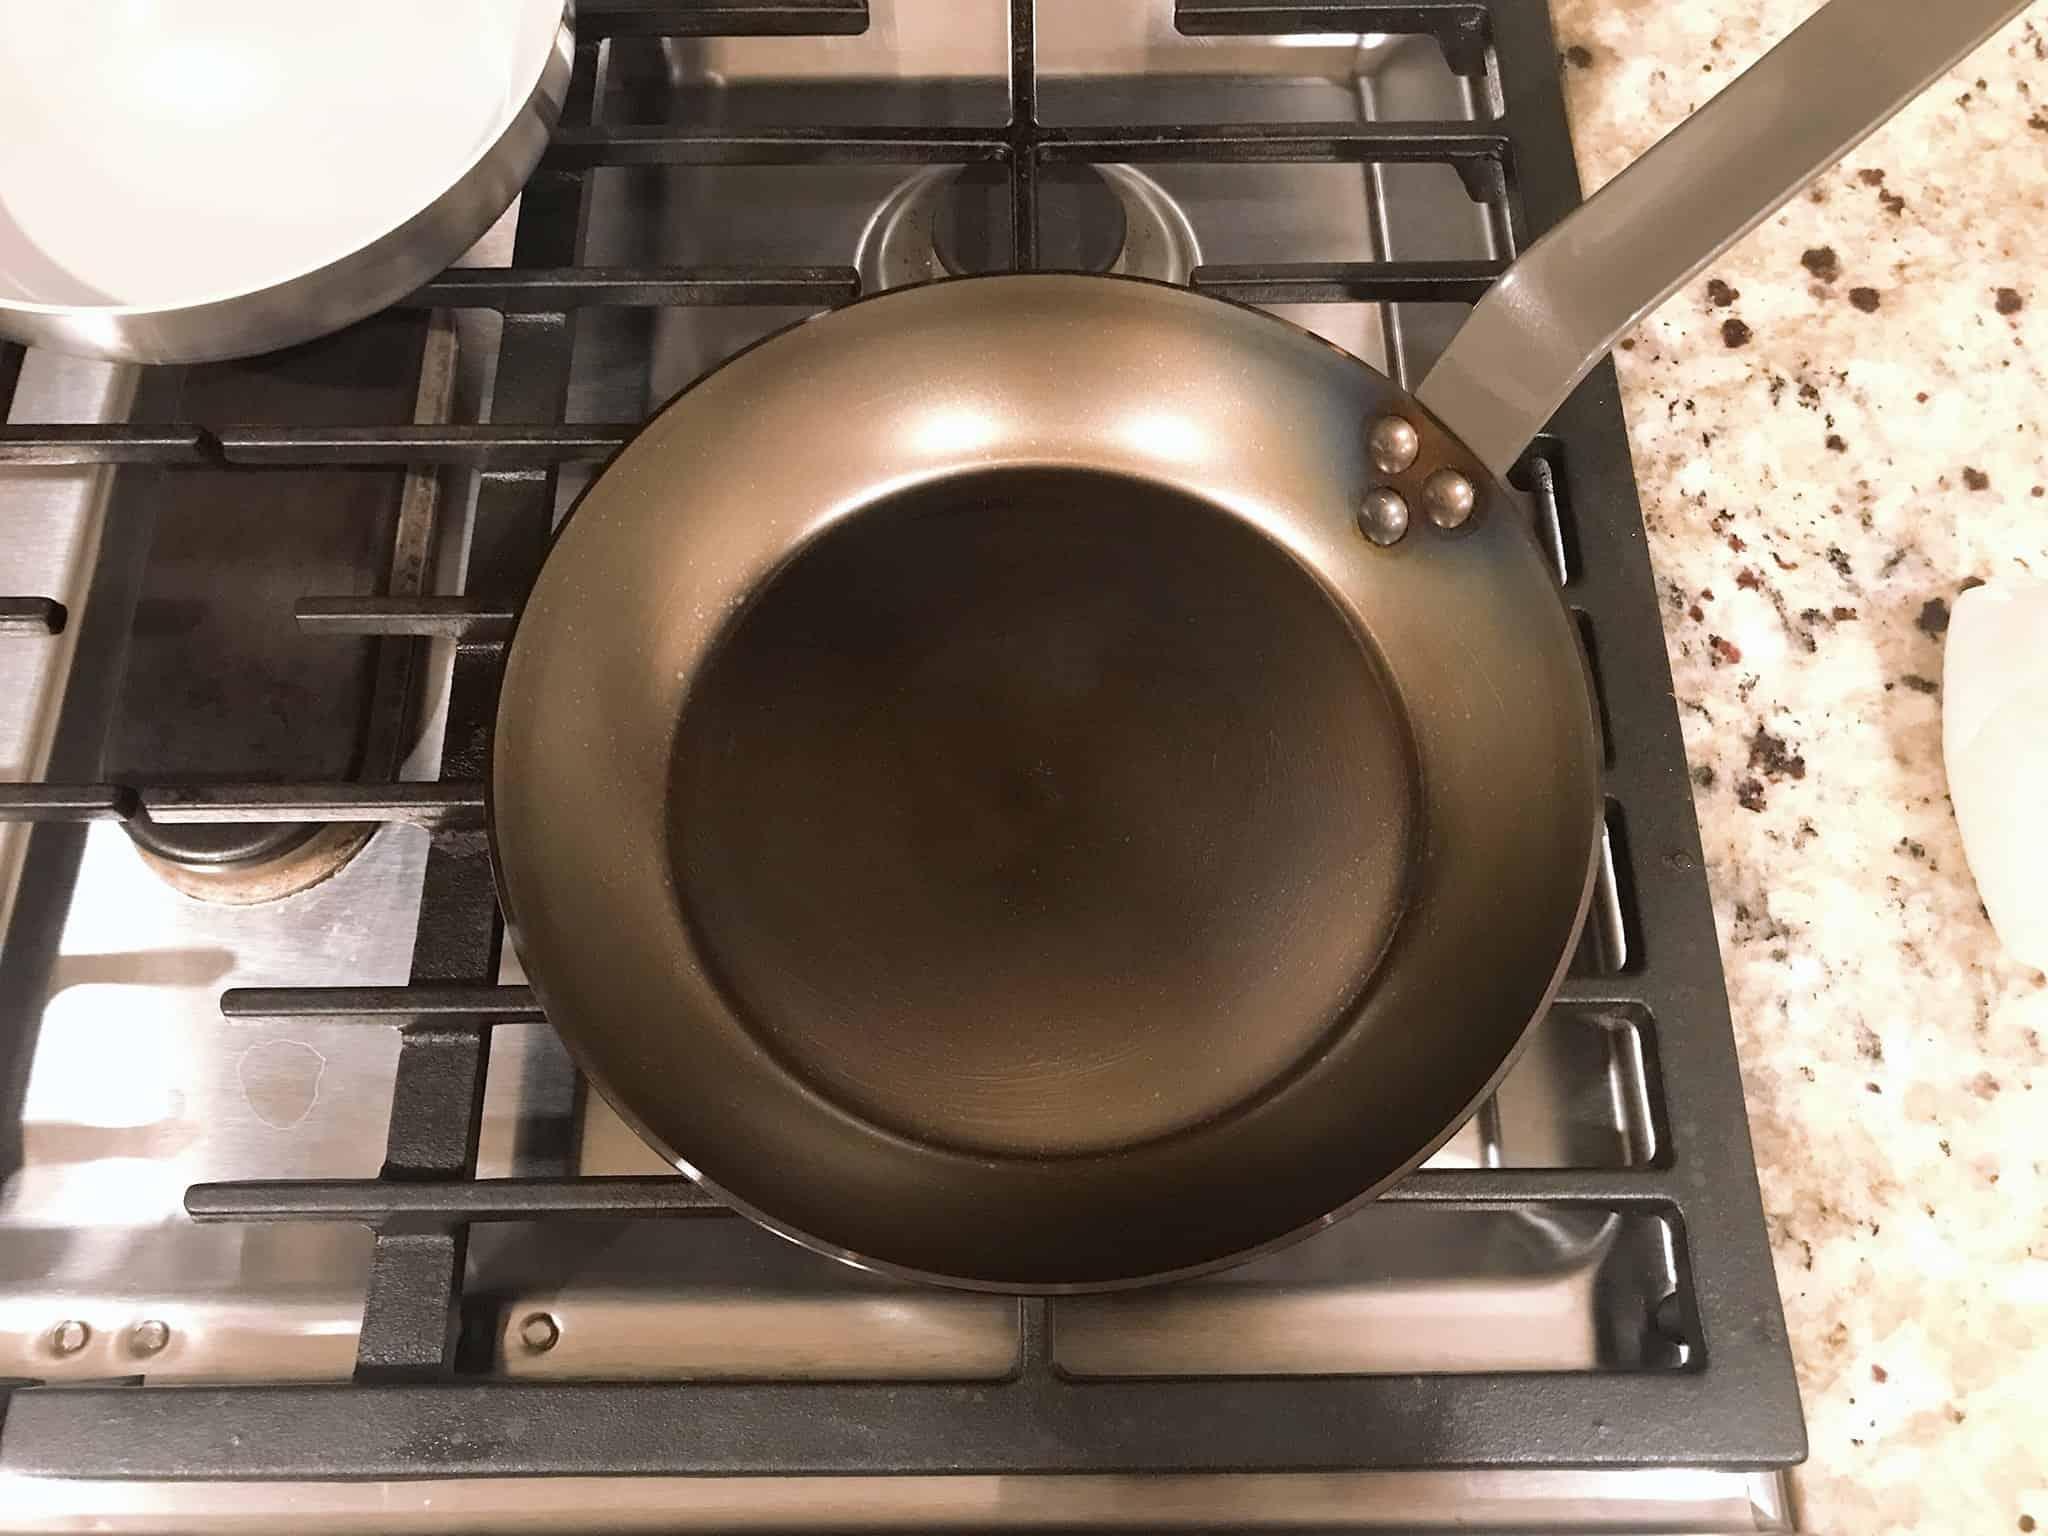 carbon steel pan seasoning